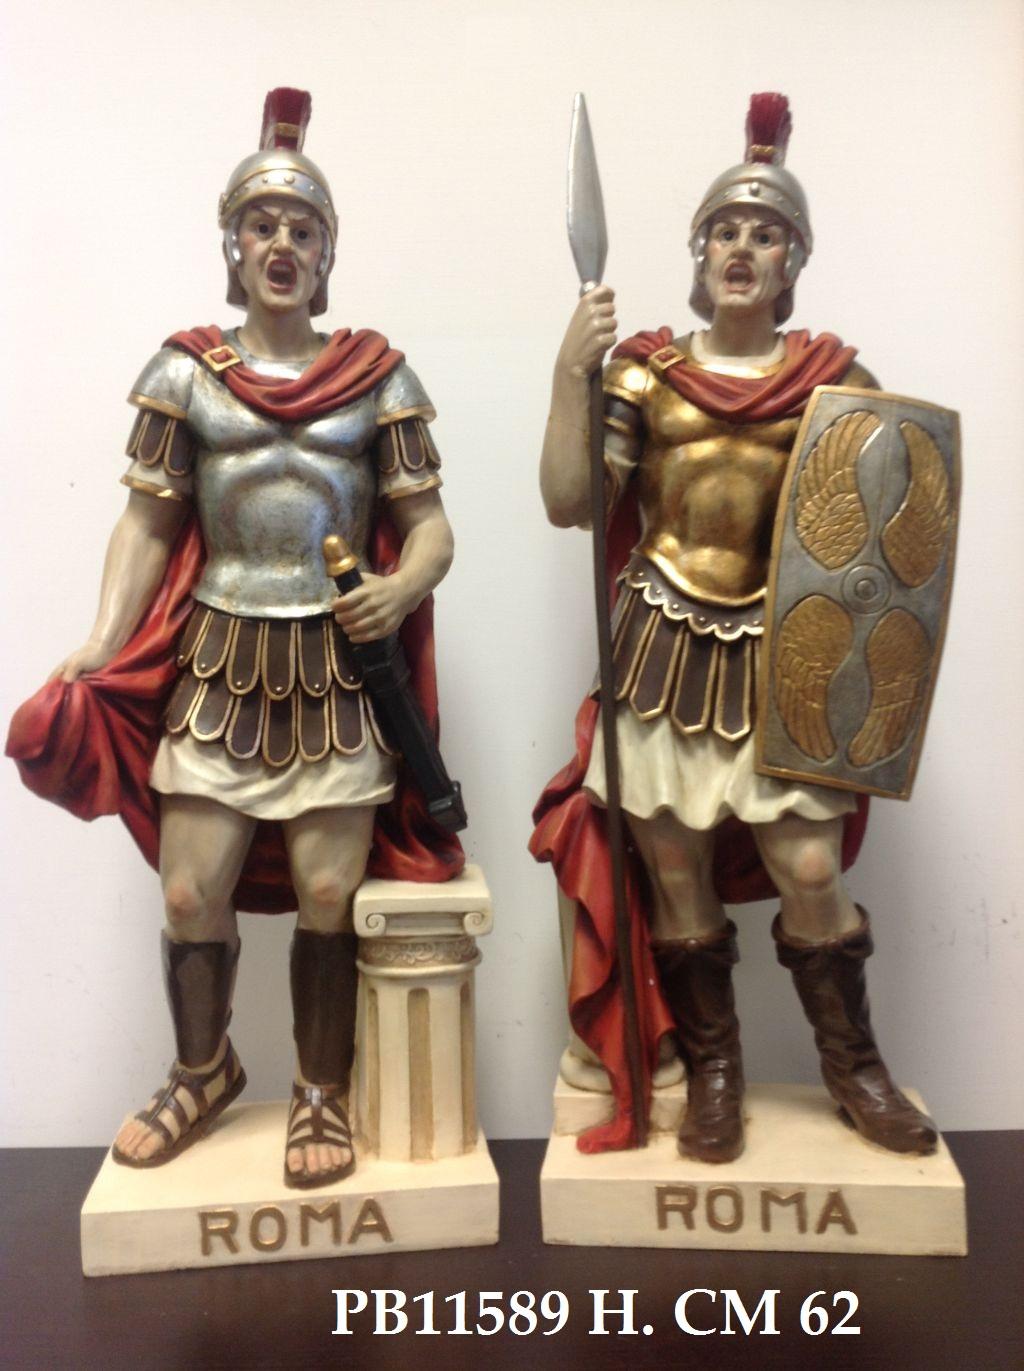 16EE - Statuine Storiche - Arte, Storia e Souvenir - Prodotti - Rebolab